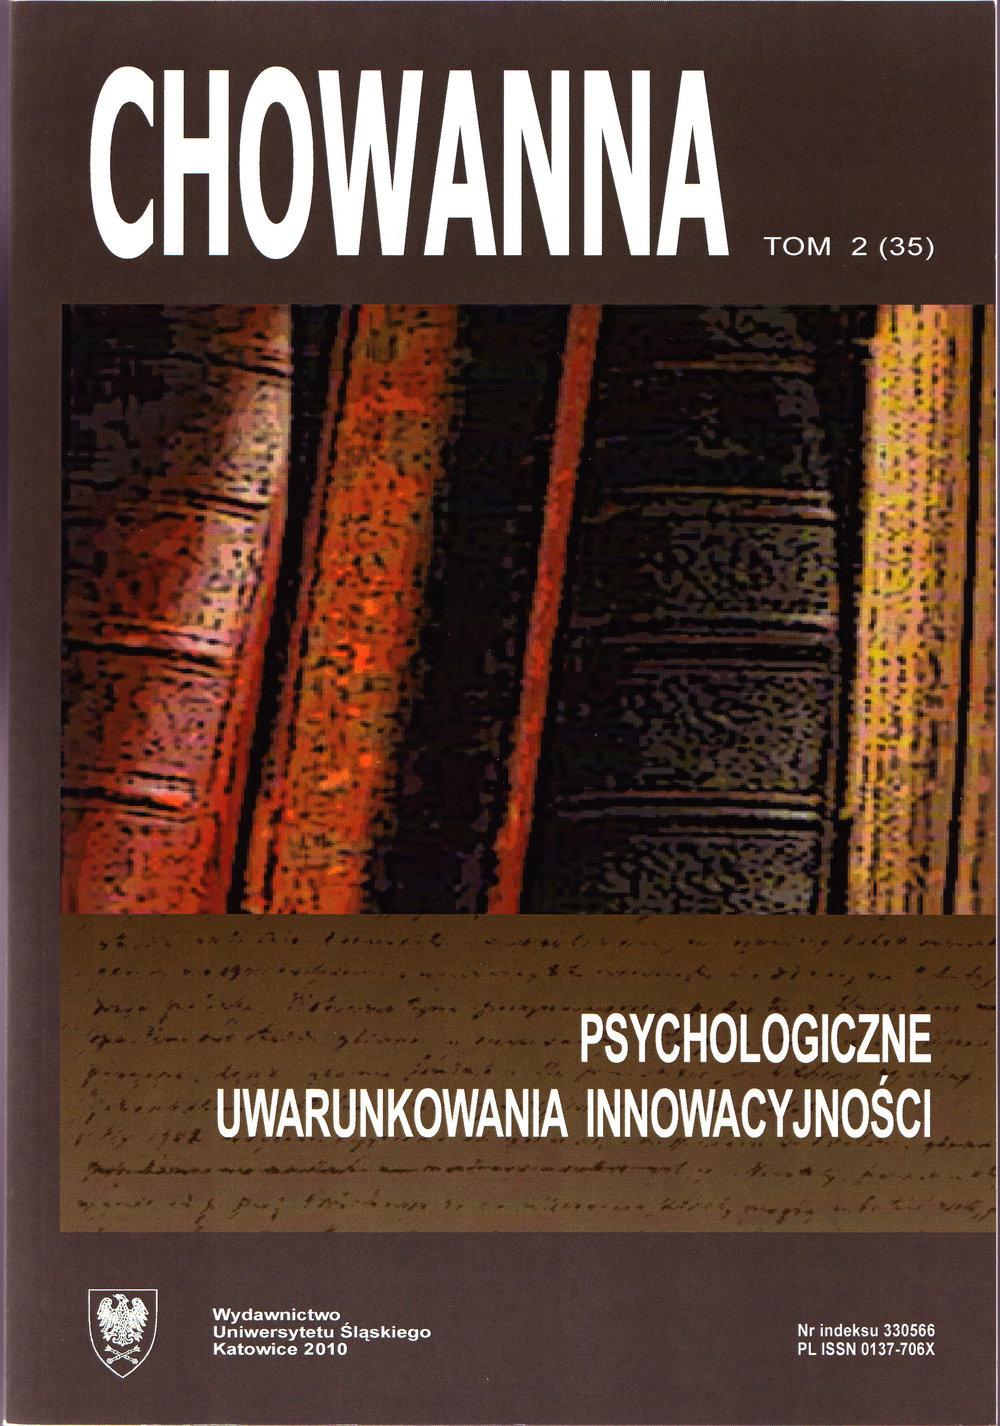 Chowanna- artyk .jpg